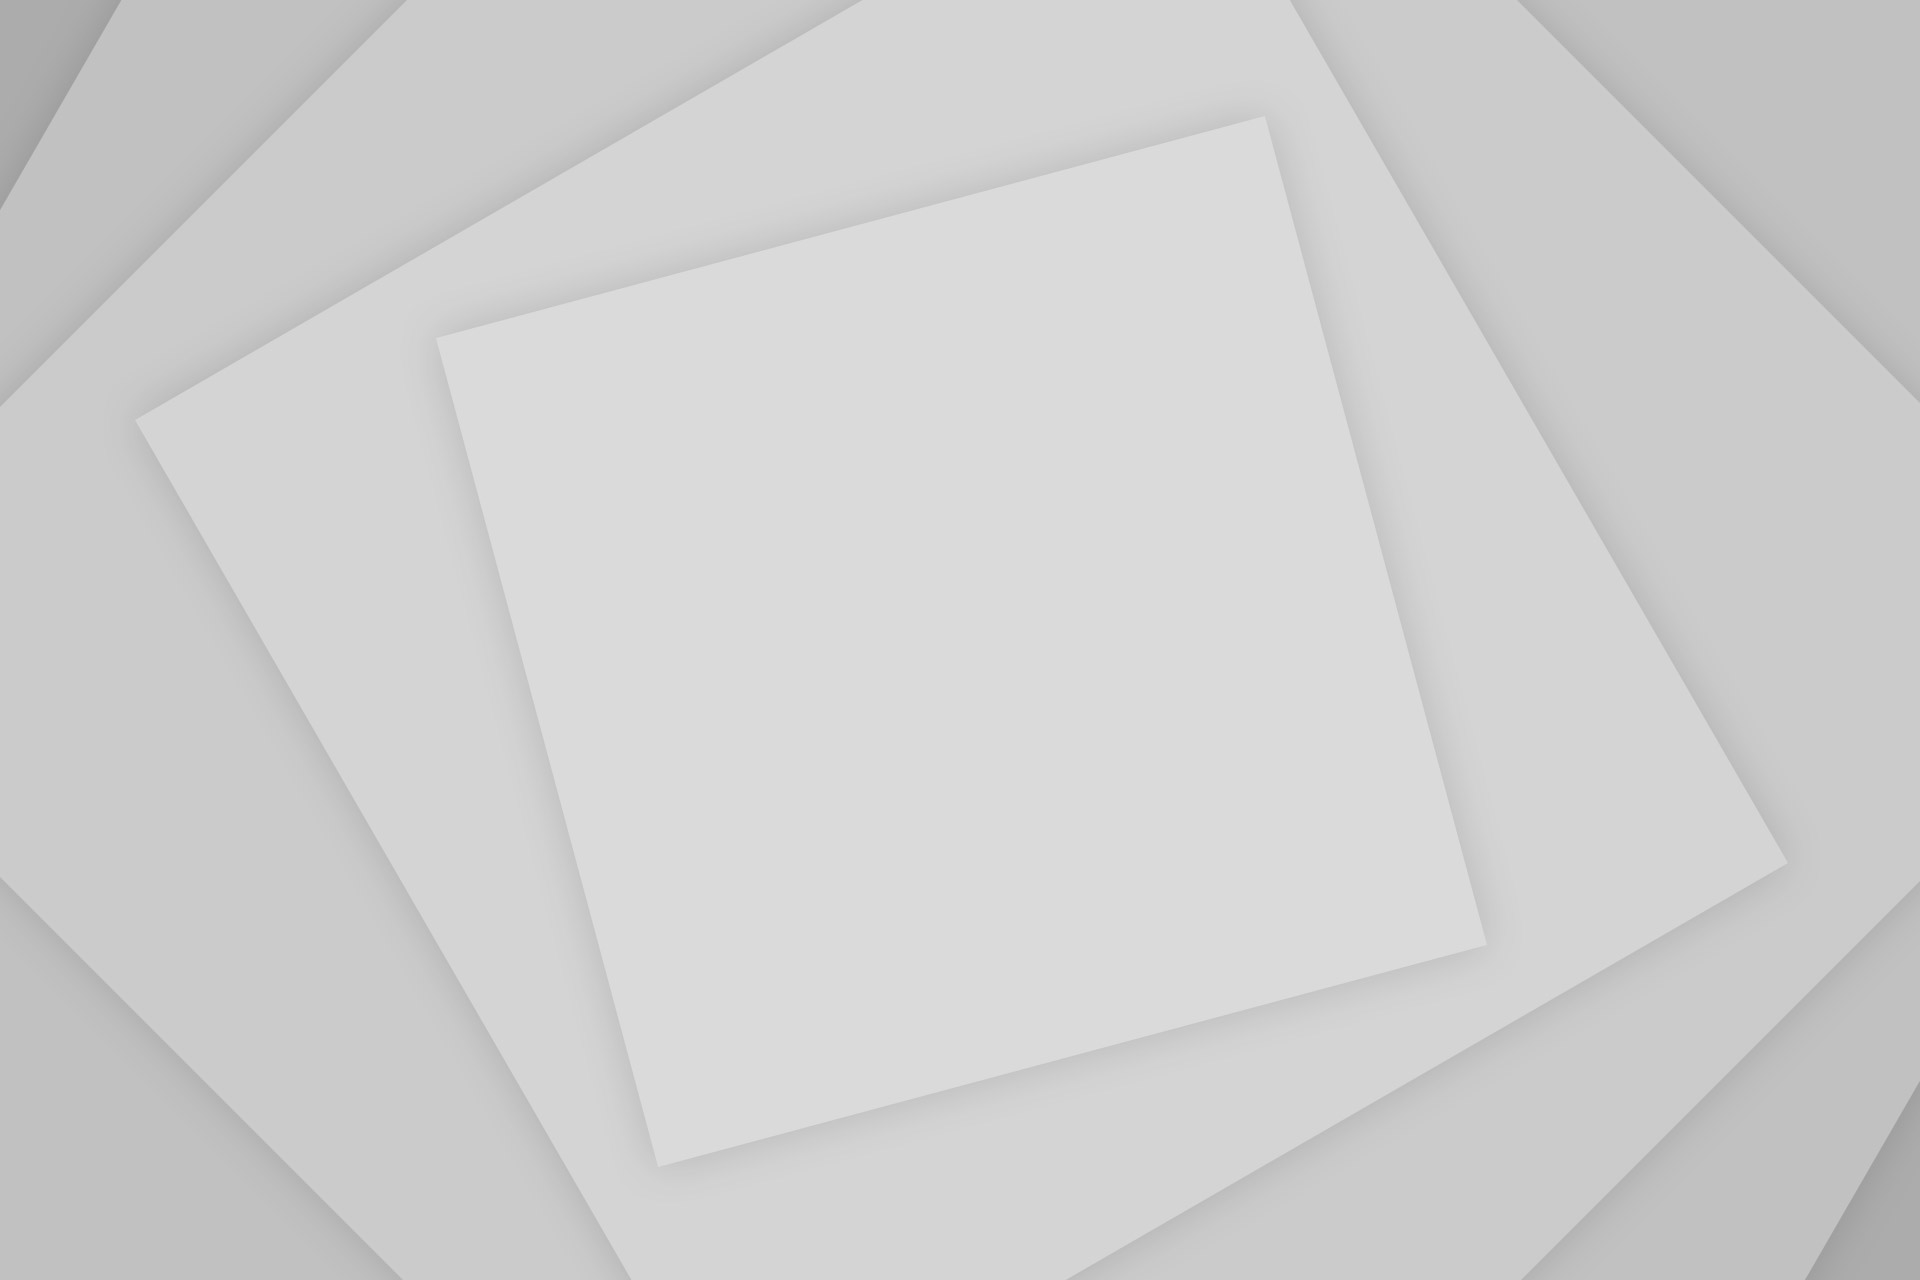 সান্তাহারে মিলল গৃহবধূর লাশ, স্বামী পলাতক